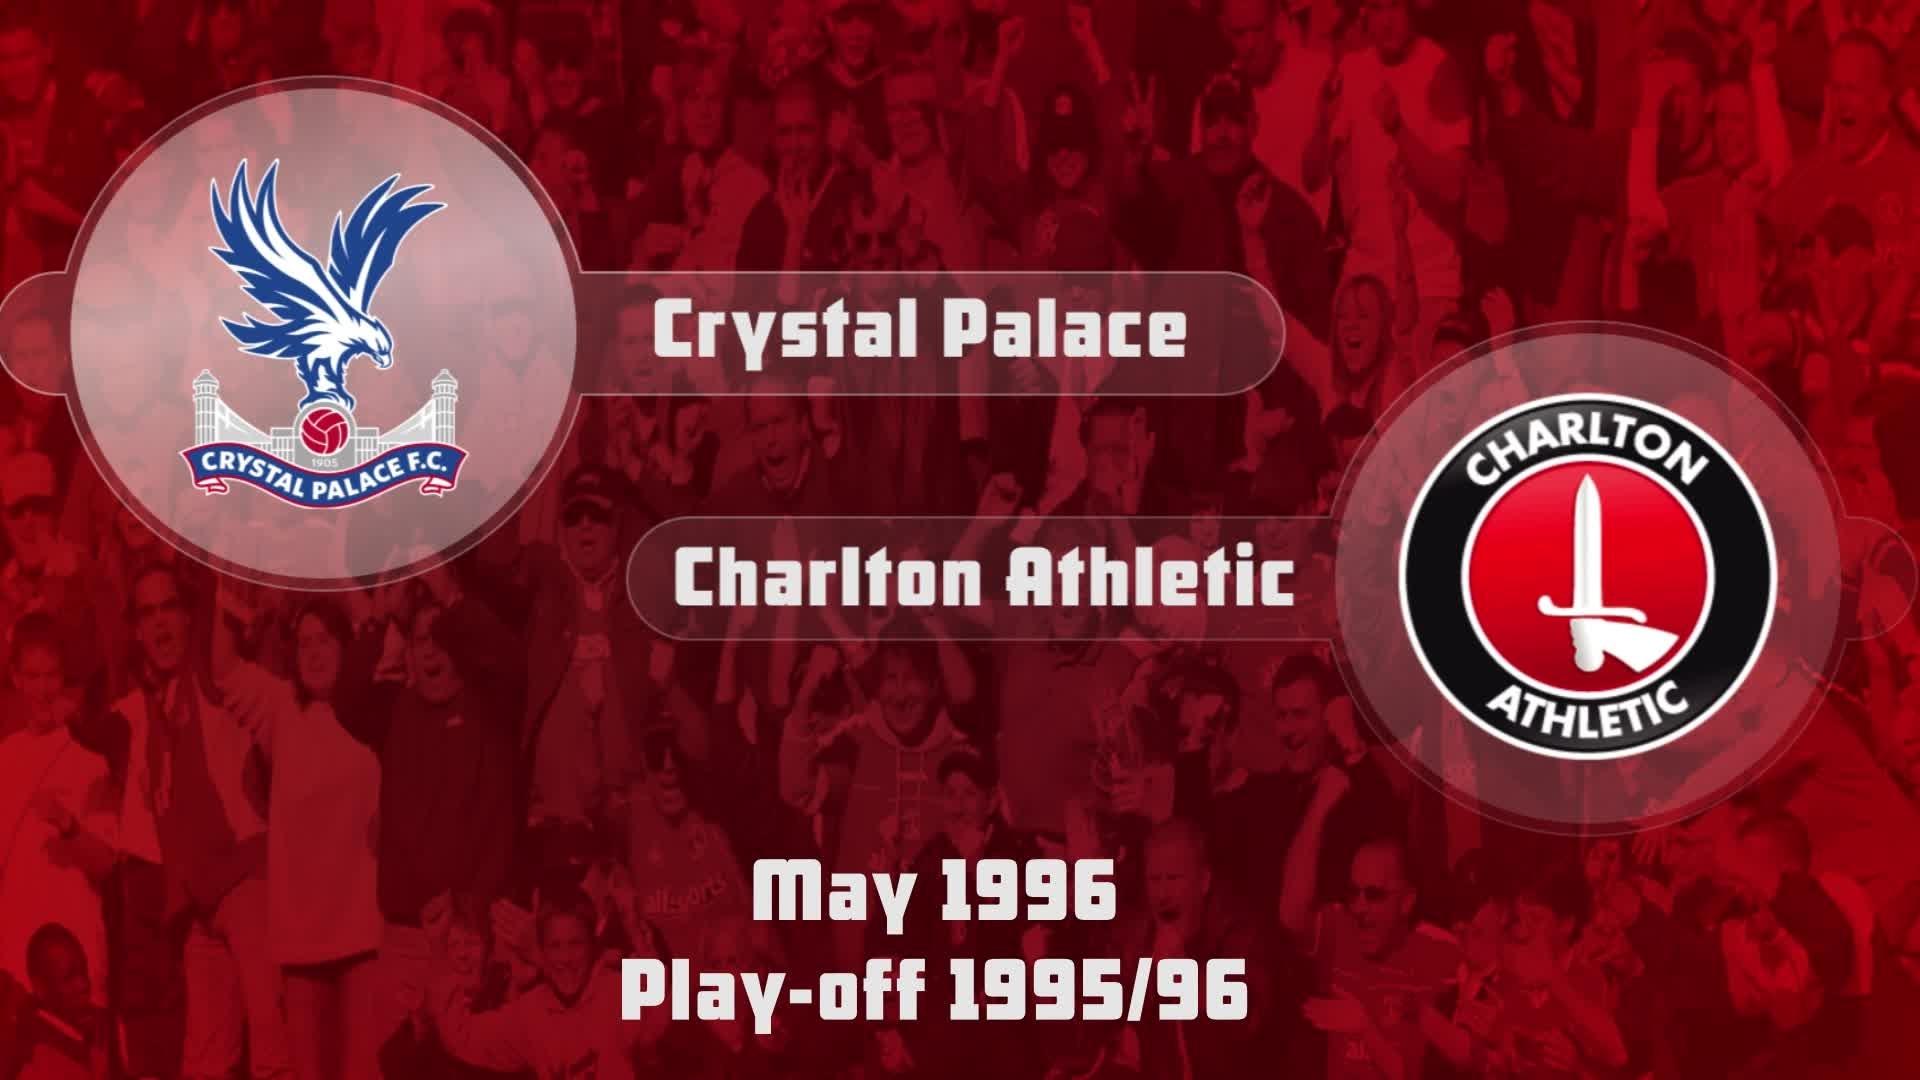 57 PLAY-OFF HIGHLIGHTS | Crystal Palace 1 Charlton 0 (May 1996)